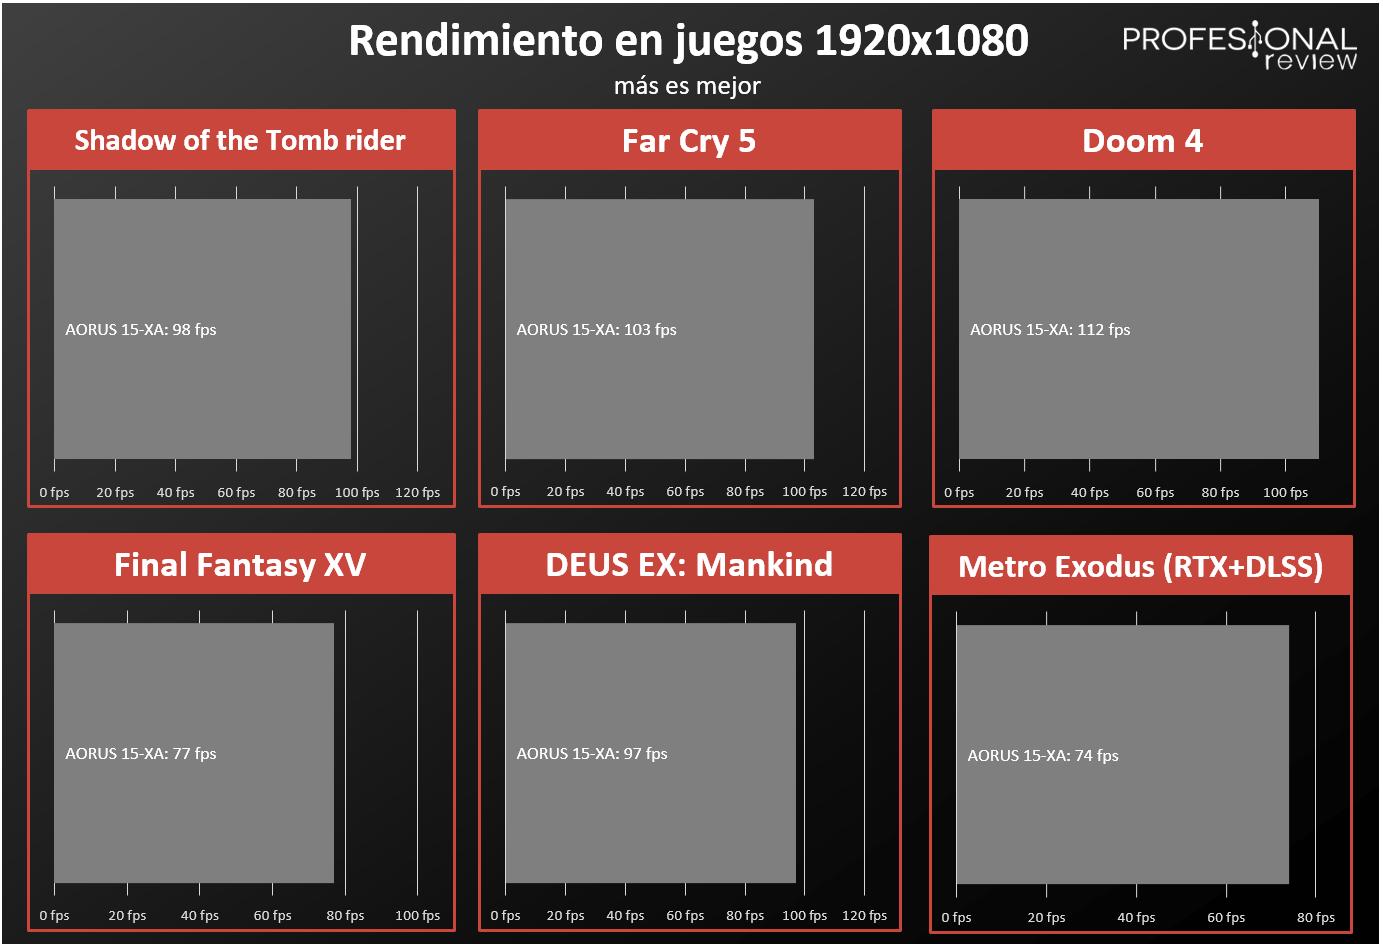 AORUS 15-XA rendimiento en juegos